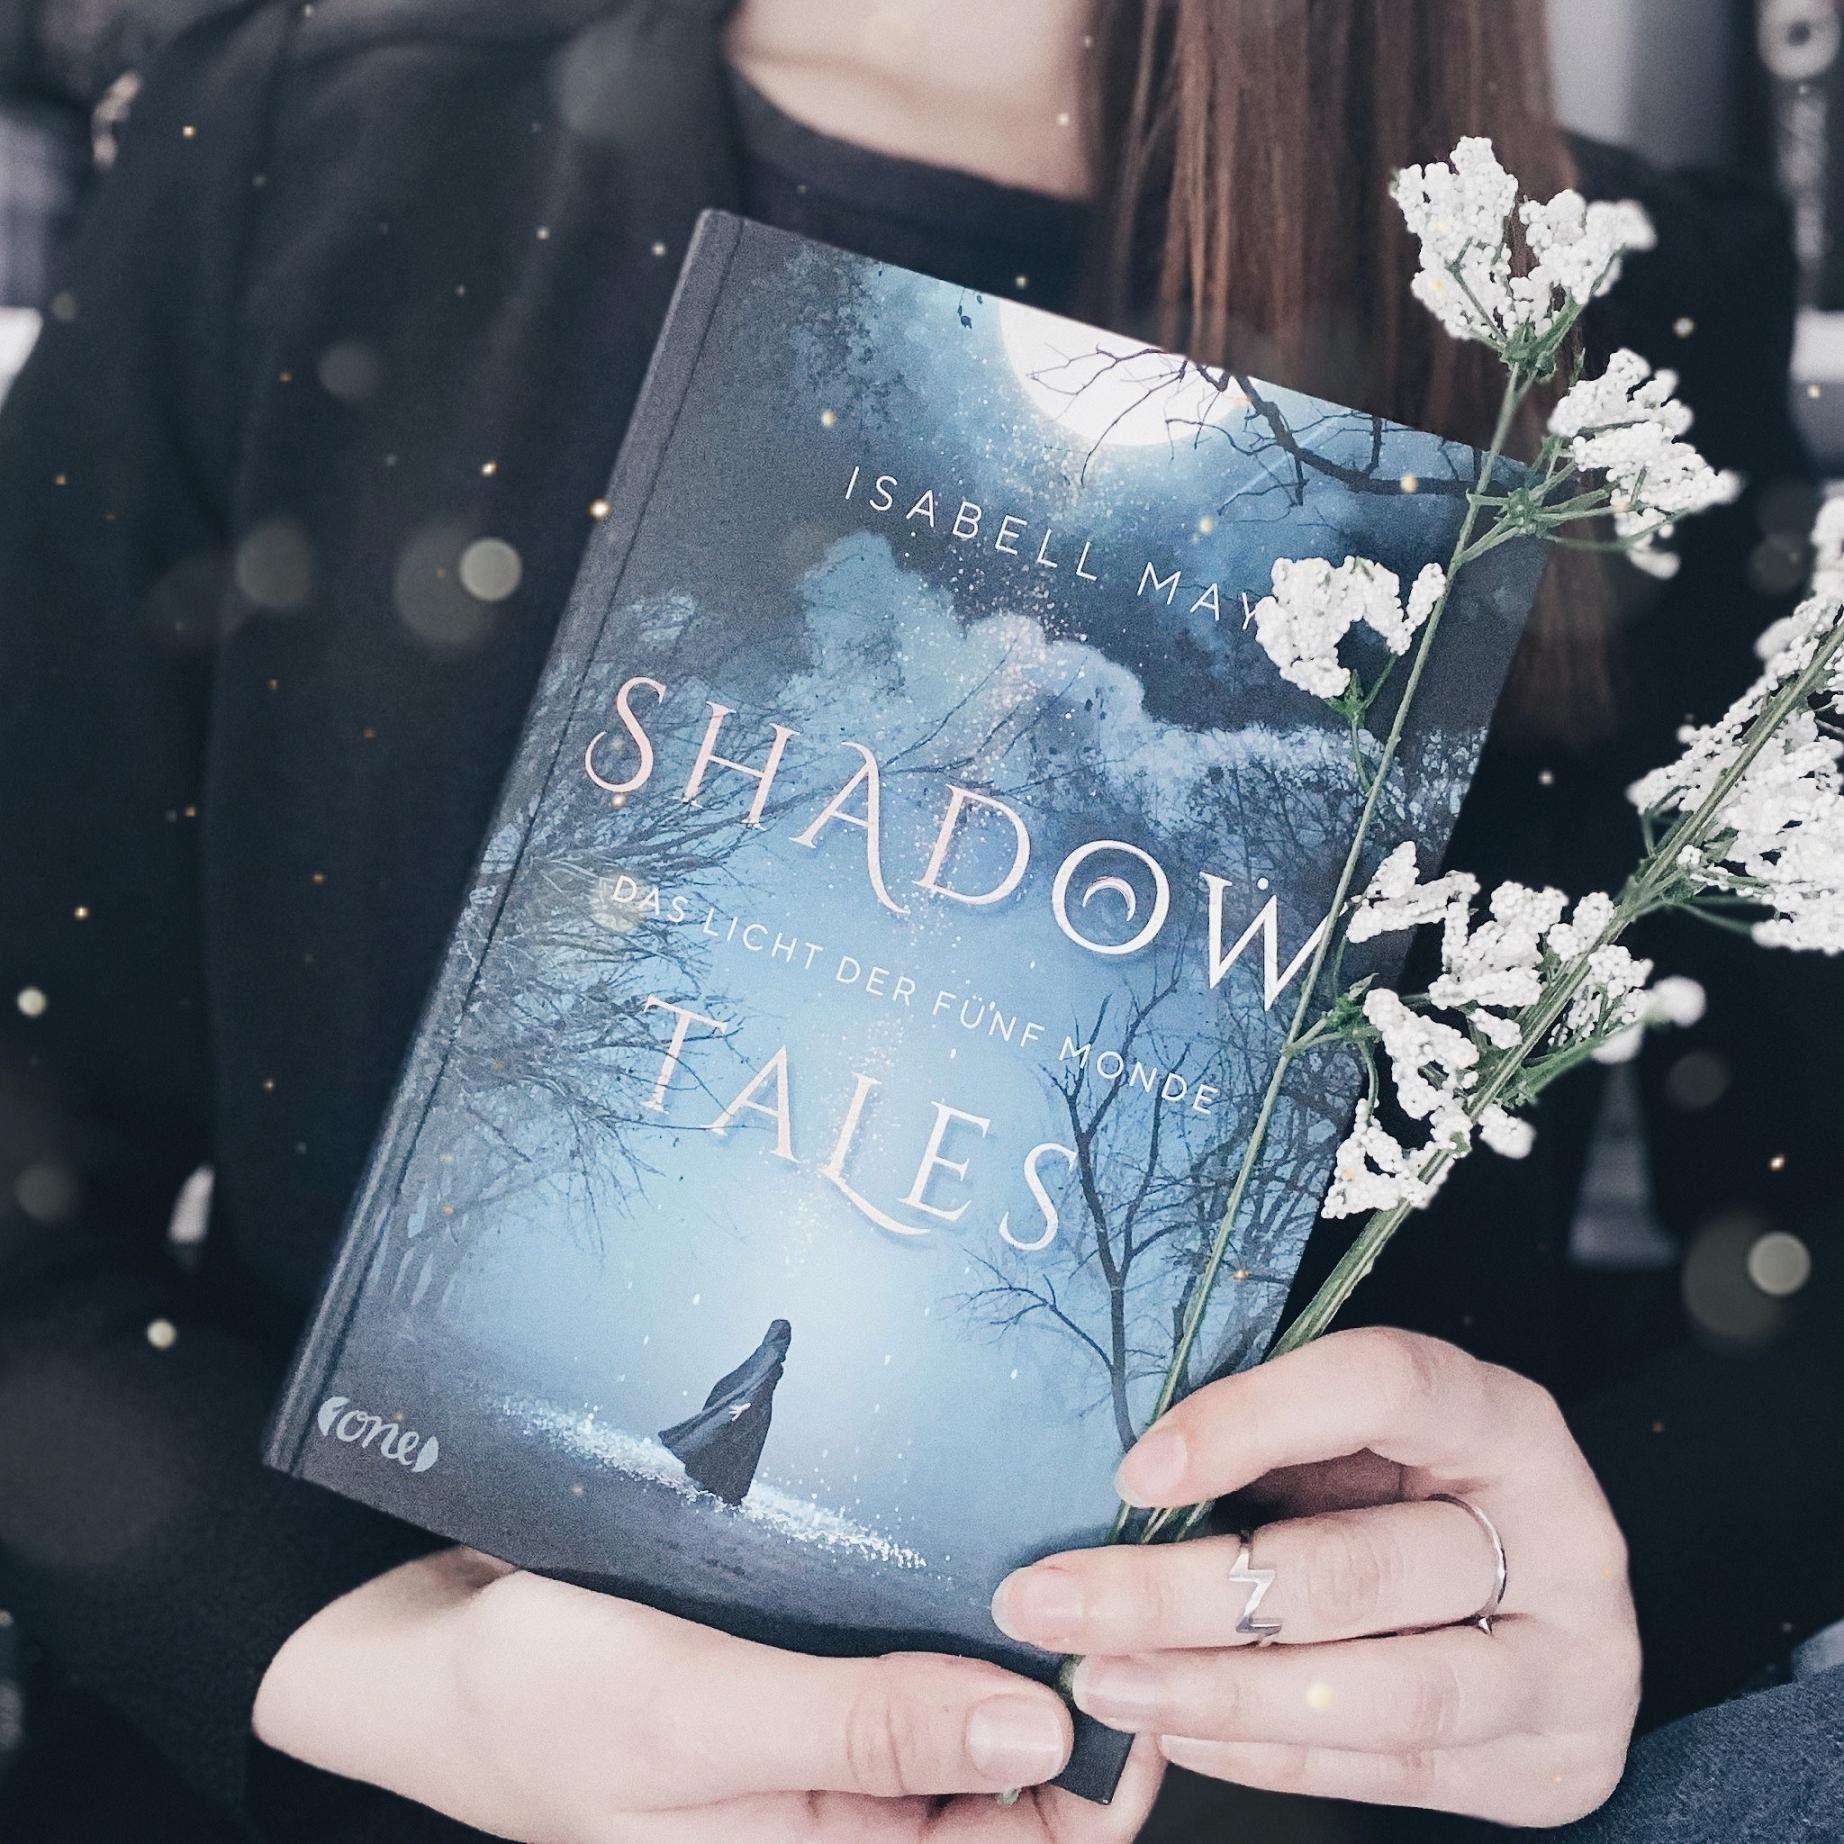 Bücherblog. Rezension. Buchcover. Shadow Tales - Das Licht der fünf Monde (Band 1) von Isabell May. Jugendbuch. Fantasy. one.